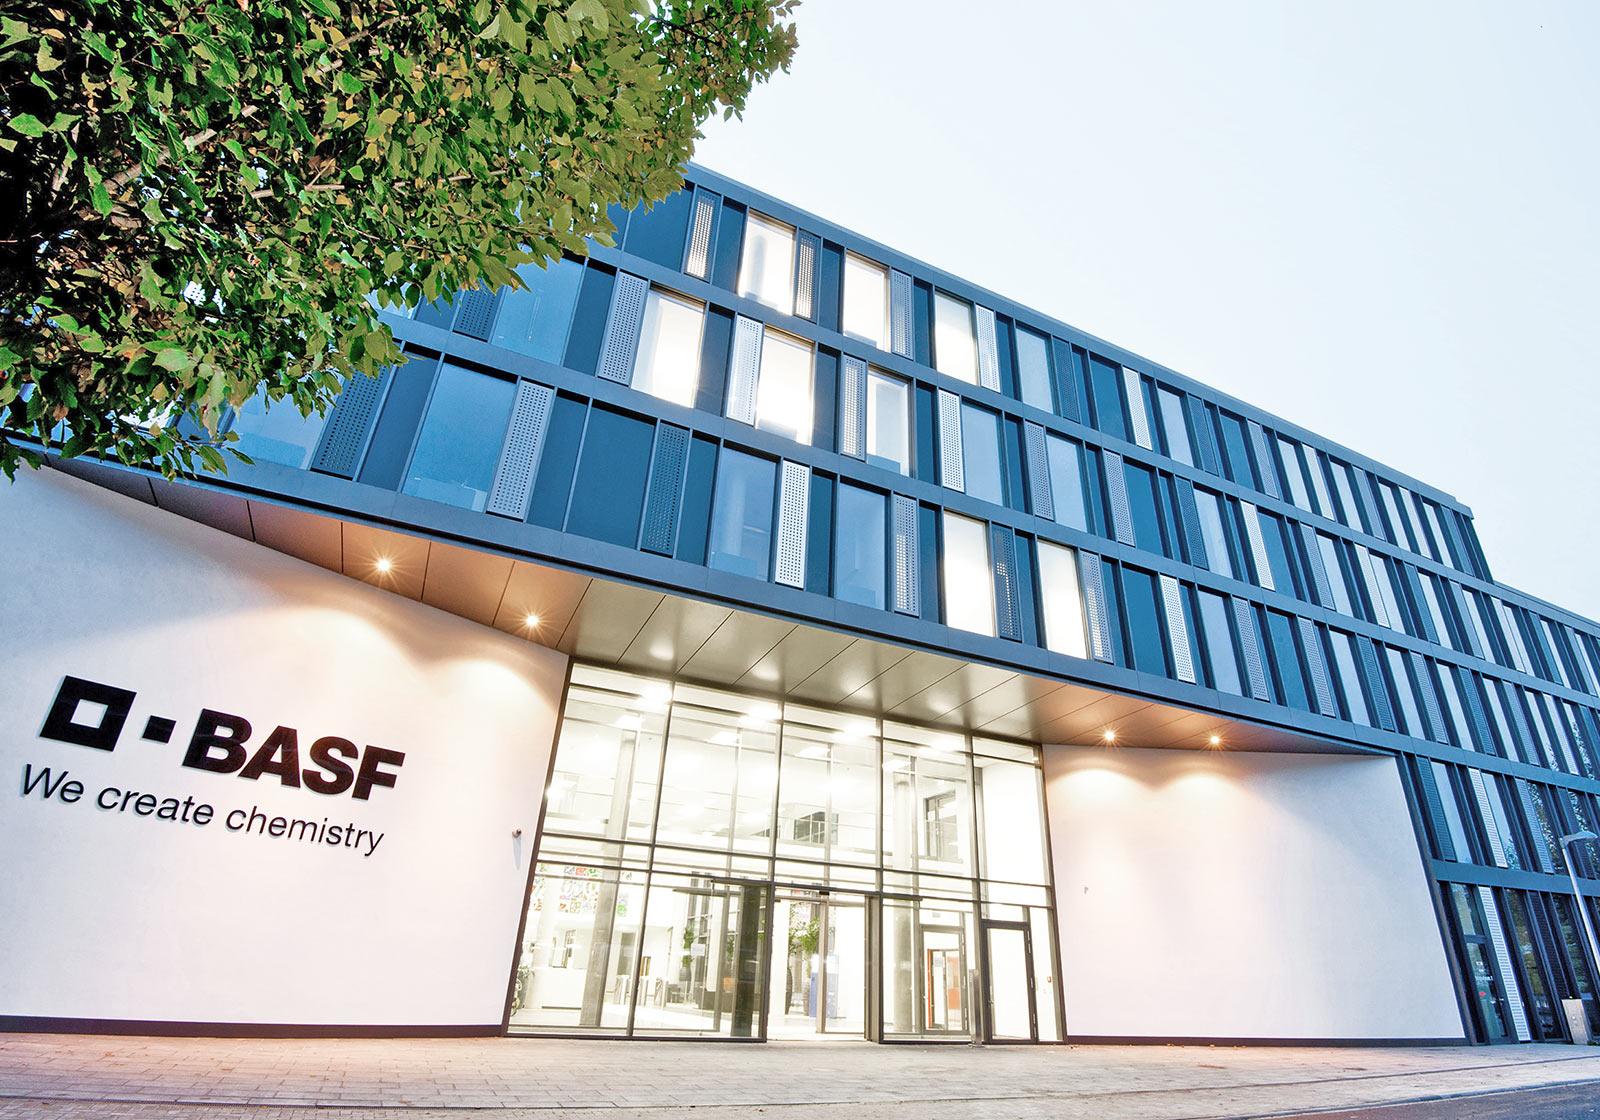 Источник фото: BASF SE / Marcus Schwetasch